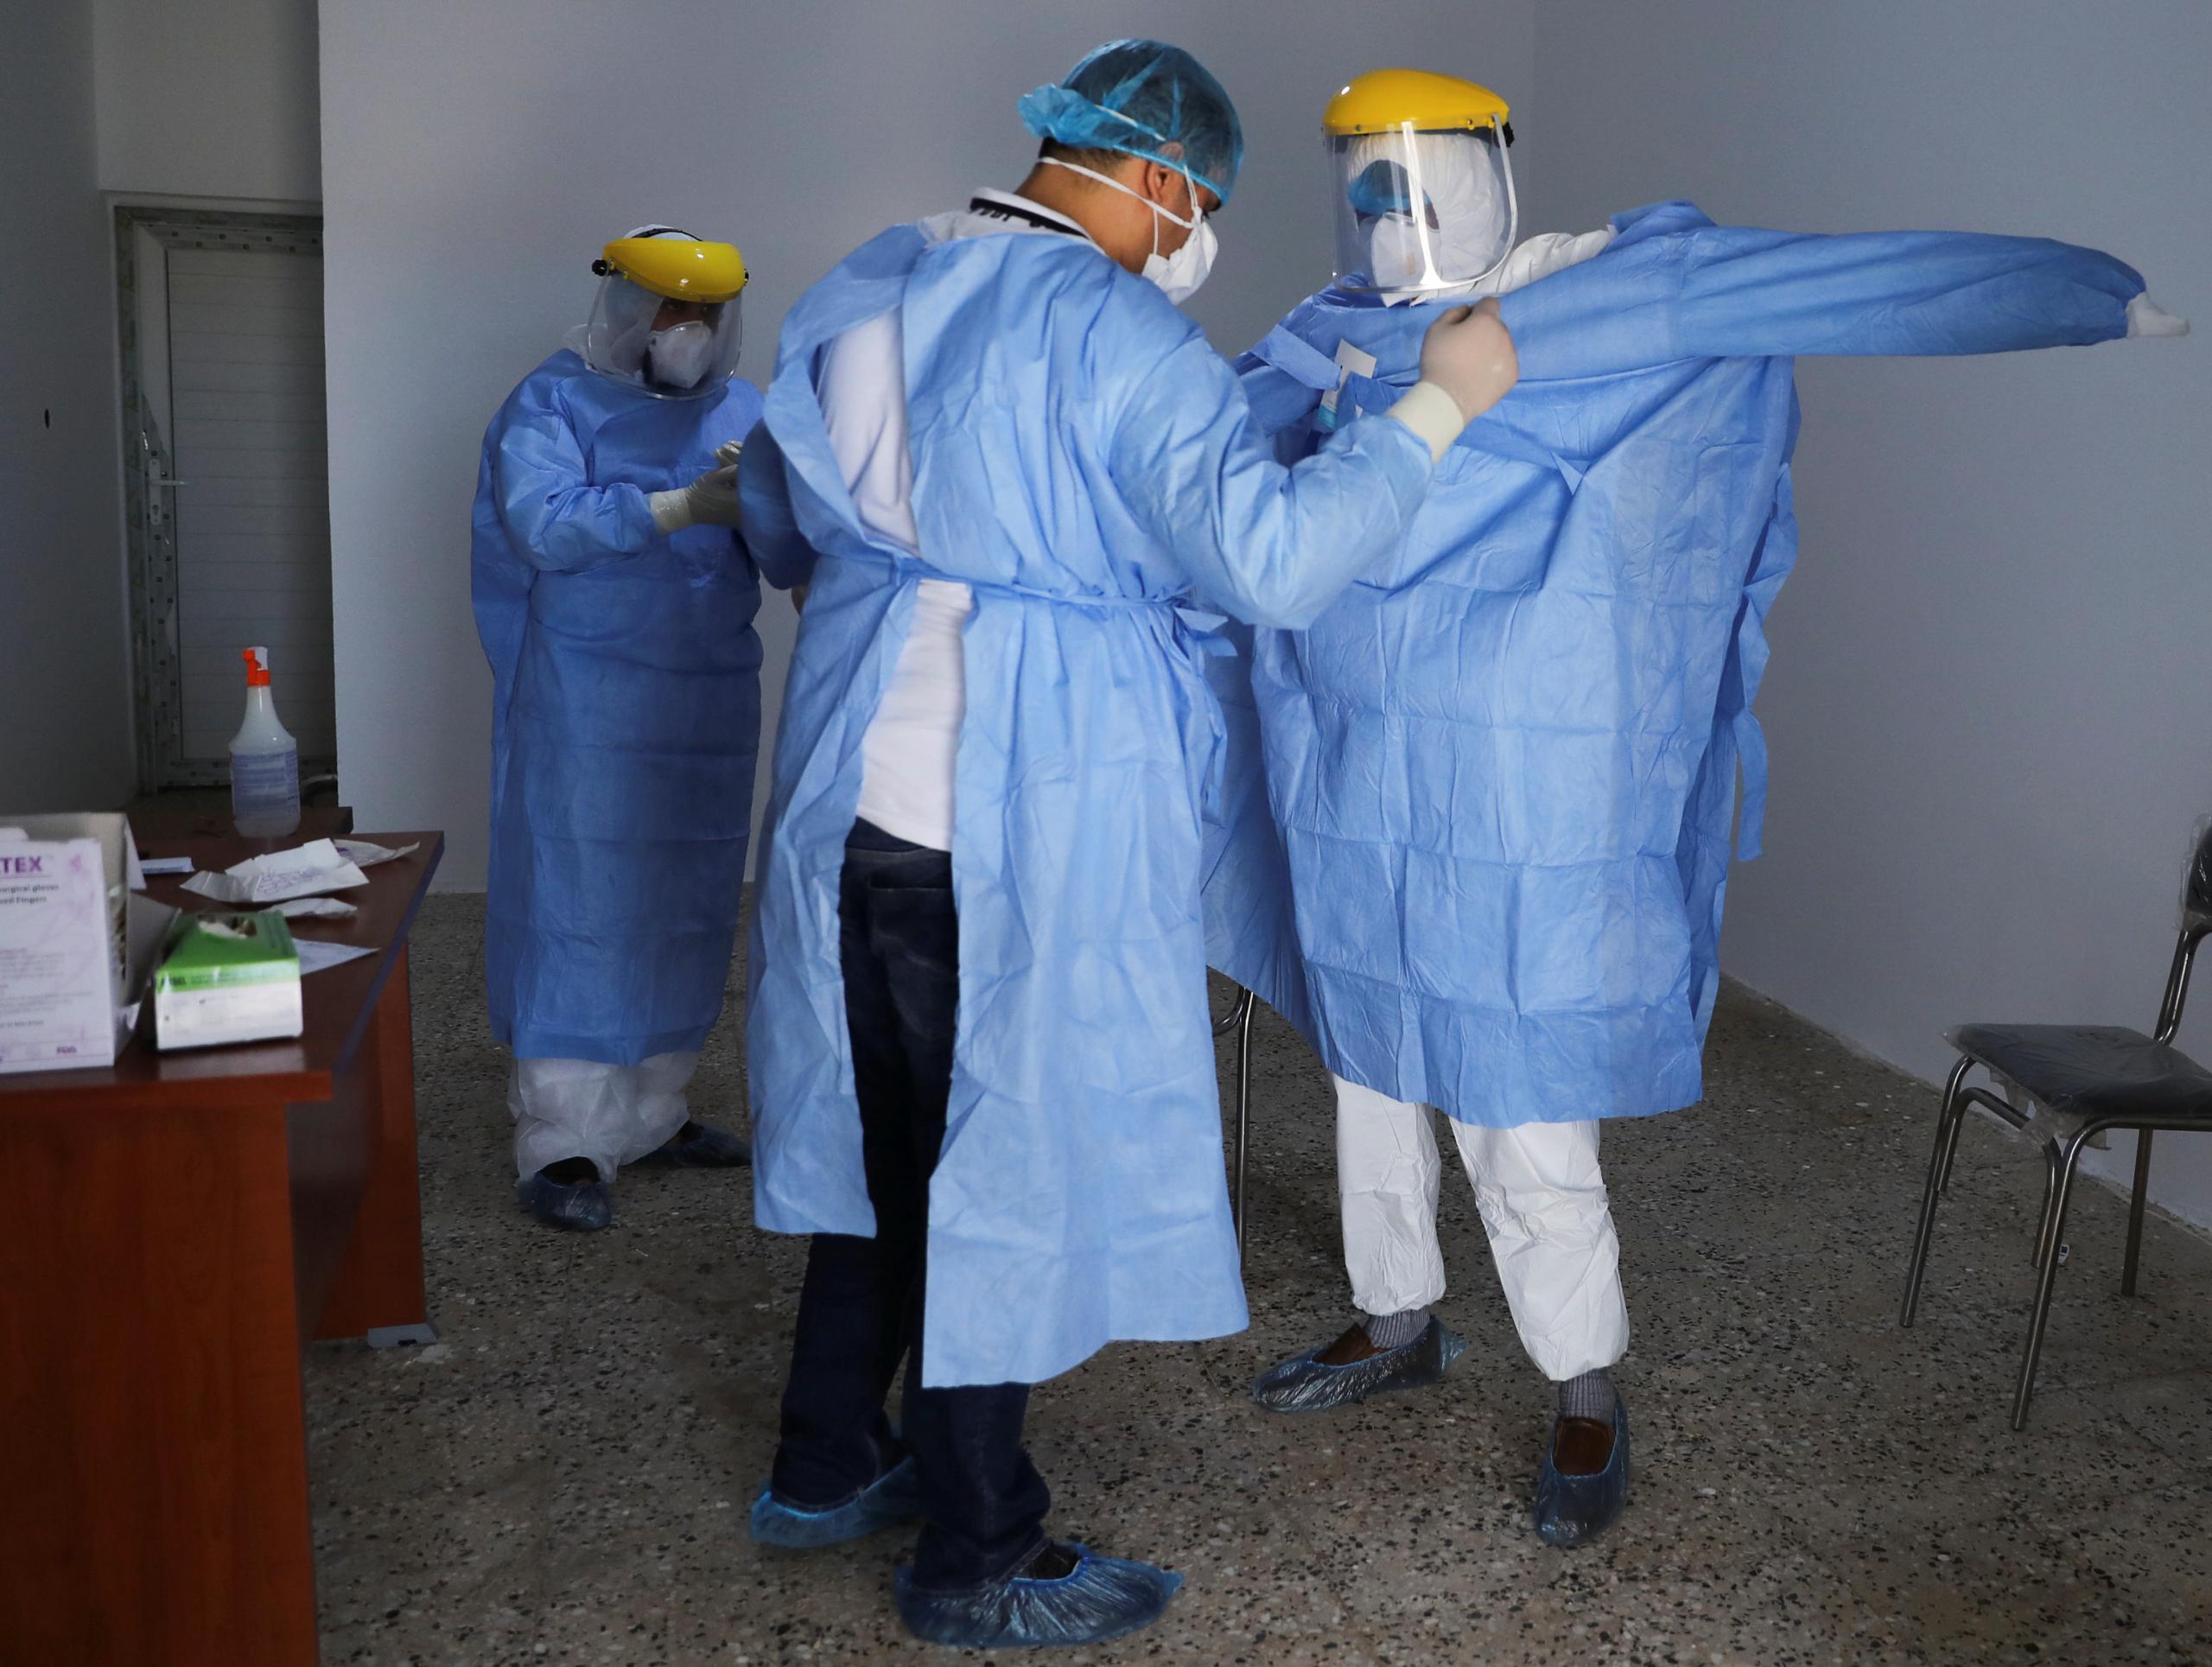 ليبيا تسجل 50 إصابة جديدة بفيروس كورونا في 10 مدن وحالة وفاة في بلدية الجفرة